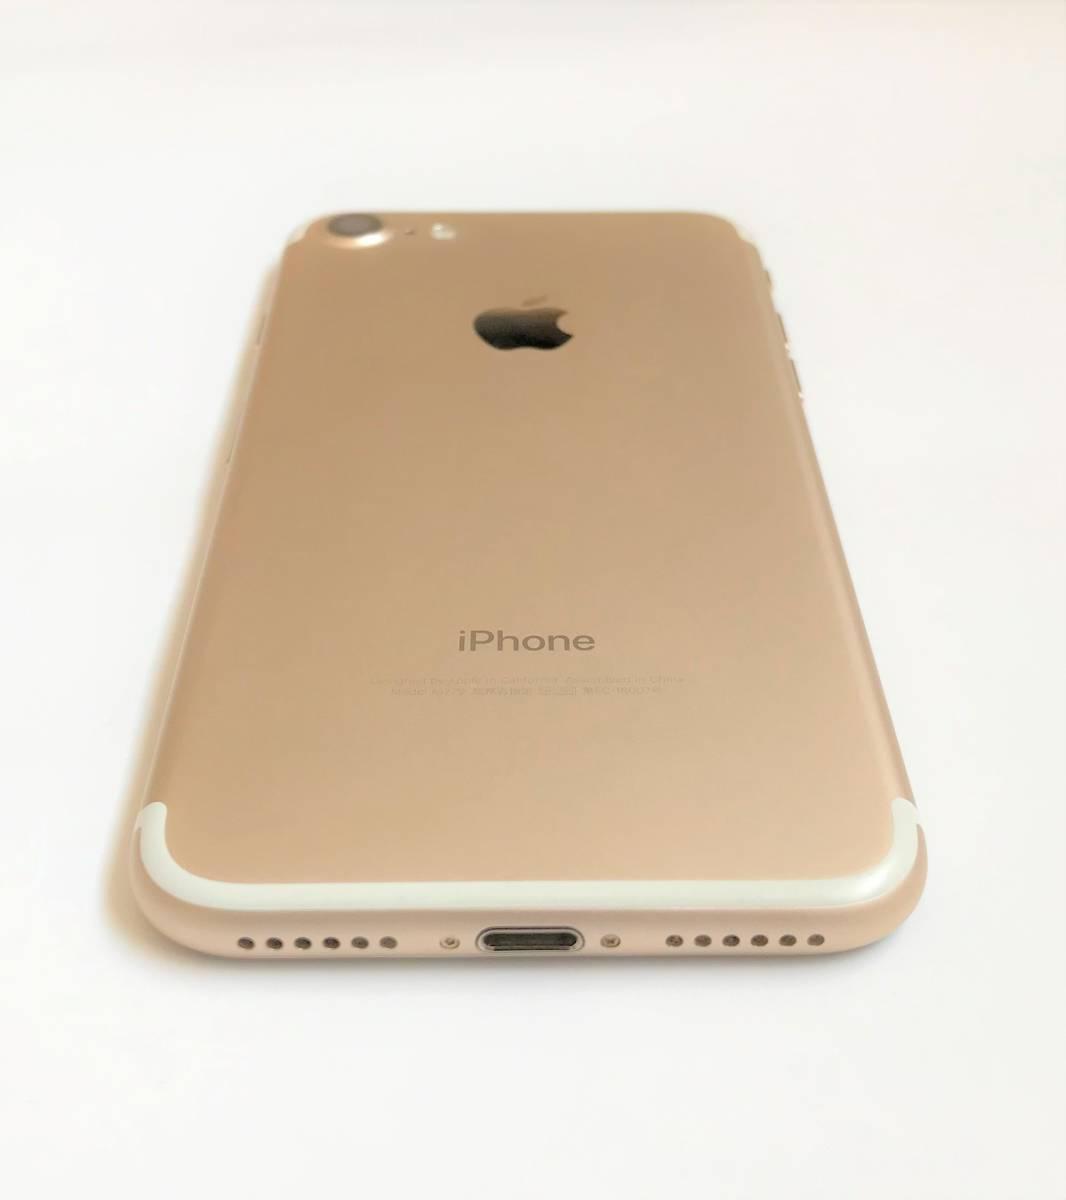 【送料185円】新品同様 iPhone7 SIMフリー 128GB 【バッテリー81%】ゴールド SIMロック解除済み【格安SIMも使用可能】 超美品 1円スタート_画像4